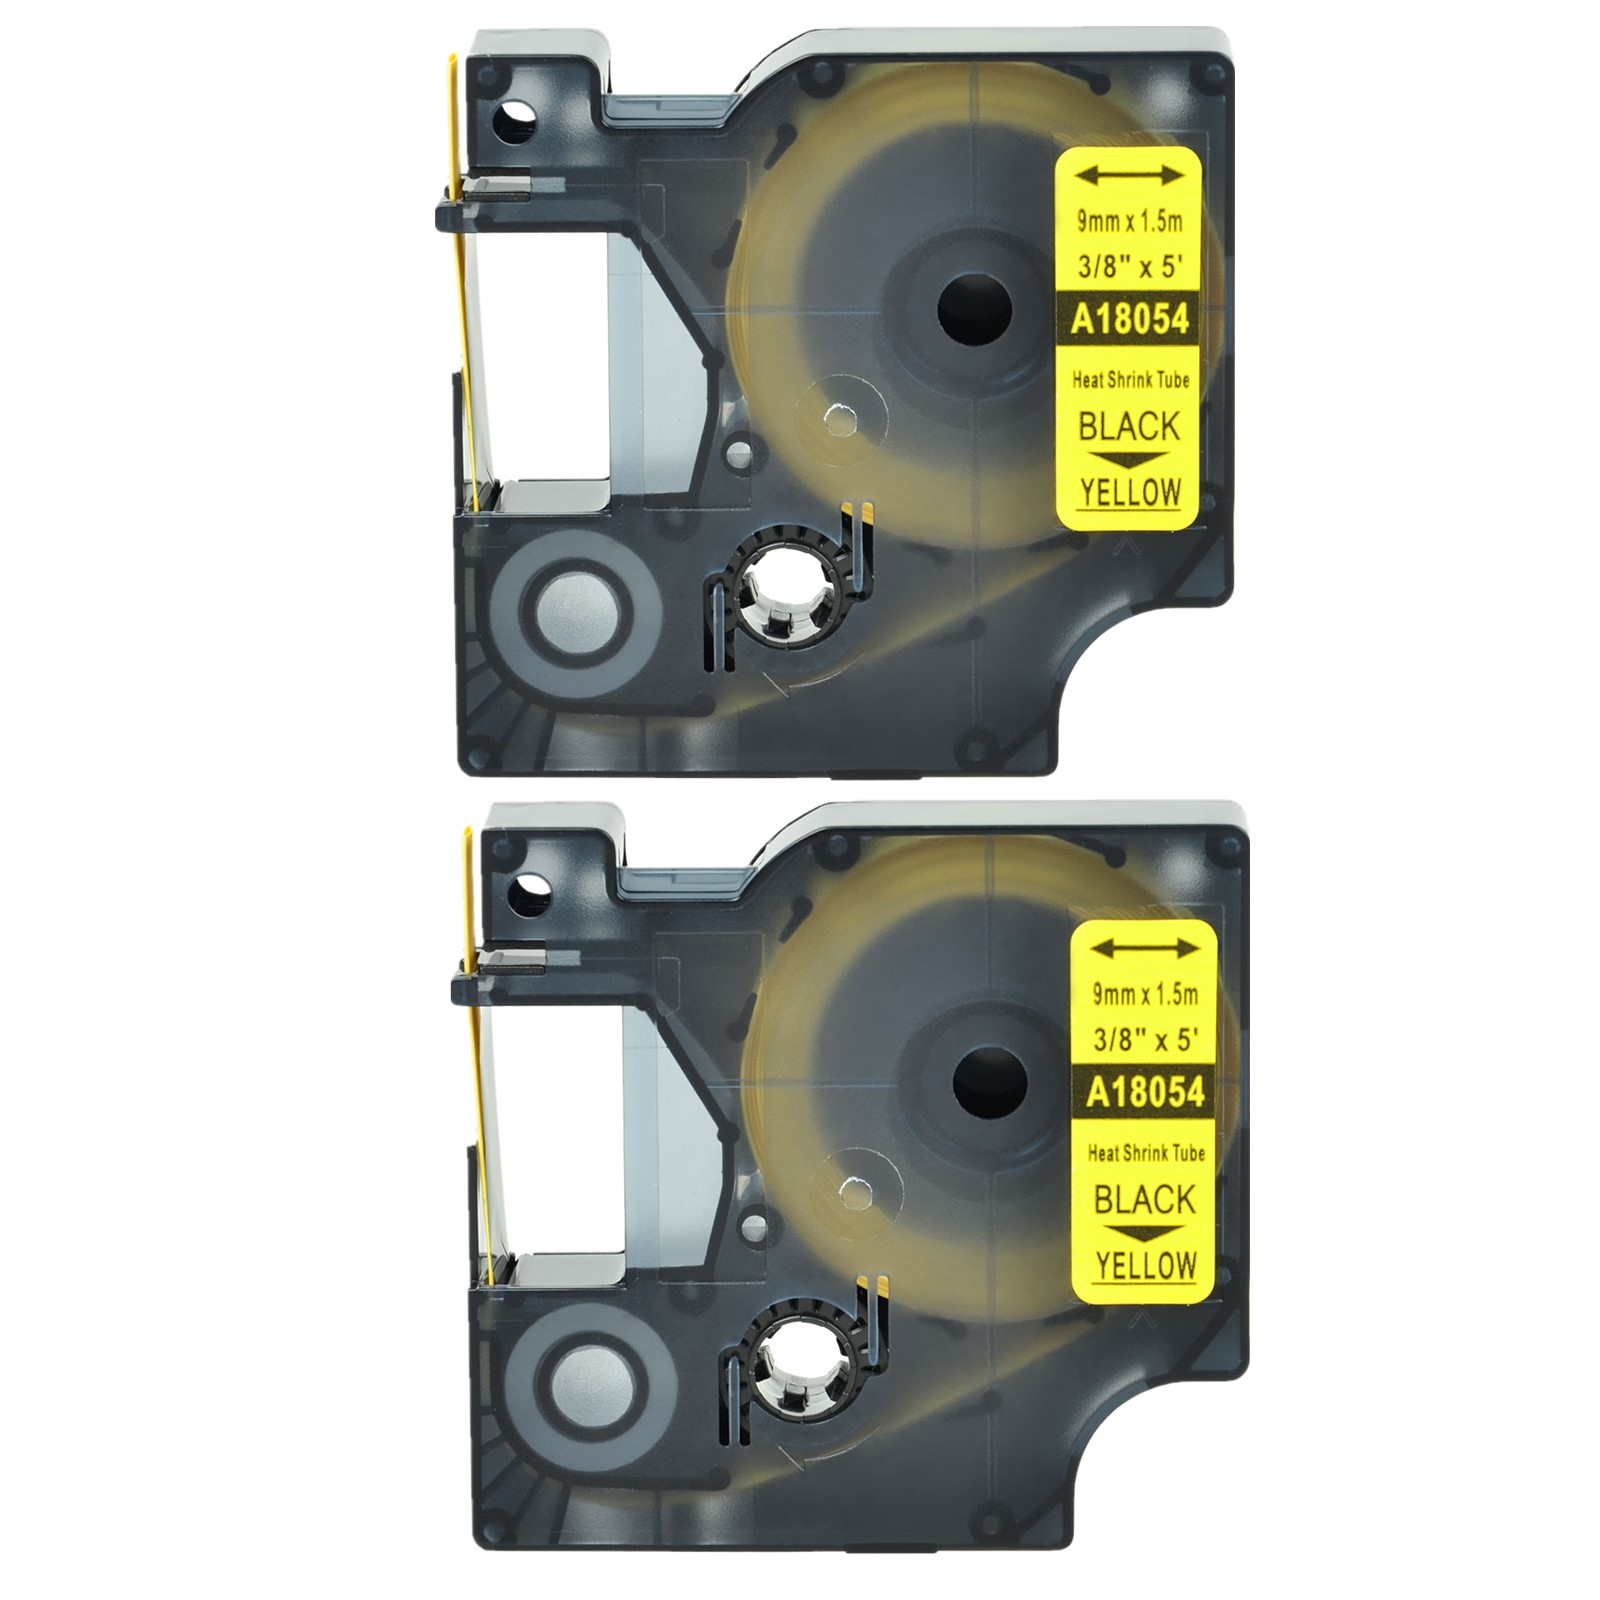 6PK 18051 S0718260 Heat Shrink Tube Label Tape for DYMO Rhino Black on White 6MM